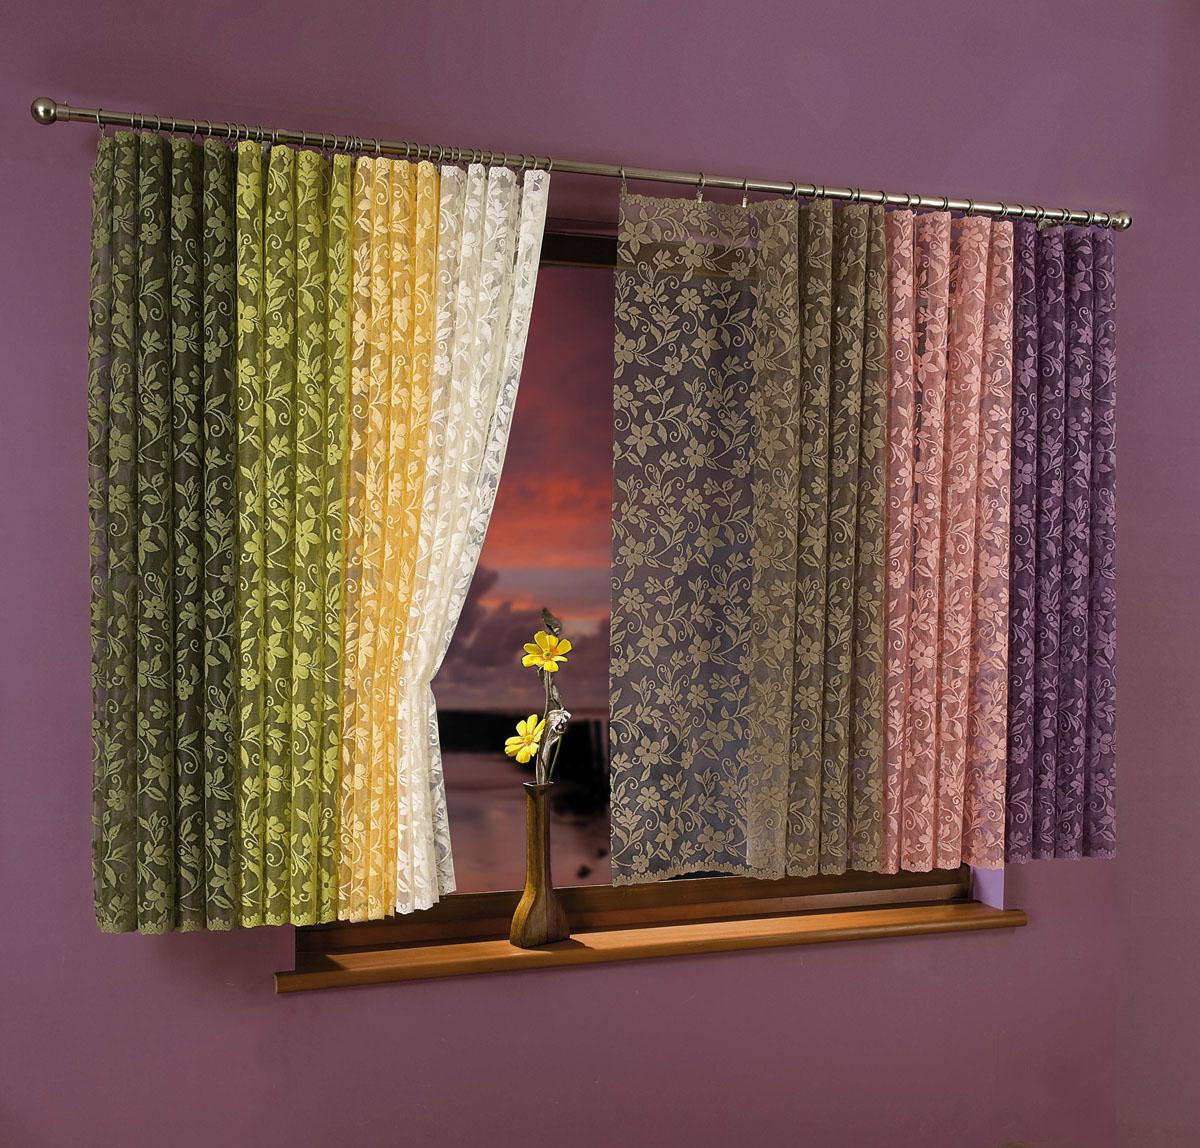 Гардина-тюль Kwiat Jabloni, на ленте, цвет: коричневый, высота 250 см734856Воздушная гардина-тюль Kwiat Jabloni, изготовленная из полиэстера коричневого цвета, станет великолепным украшением любого окна. Тонкое плетение, оригинальный дизайн и приятная цветовая гамма привлекут к себе внимание и органично впишутся в интерьер комнаты. В гардину-тюль вшита шторная лента. Характеристики:Материал: 100% полиэстер. Цвет: коричневый. Размер упаковки:27 см х 36 см х 3 см. Артикул: 734856.В комплект входит:Гардина-тюль - 1 шт. Размер (Ш х В): 150 см х 250 см. Фирма Wisan на польском рынке существует уже более пятидесяти лет и является одной из лучших польских фабрик по производству штор и тканей. Ассортимент фирмы представлен готовыми комплектами штор для гостиной, детской, кухни, а также текстилем для кухни (скатерти, салфетки, дорожки, кухонные занавески). Модельный ряд отличает оригинальный дизайн, высокое качество. Ассортимент продукции постоянно пополняется.УВАЖАЕМЫЕ КЛИЕНТЫ!Обращаем ваше внимание на цвет изделия. Цветовой вариант гардины-тюли, данной в интерьере, служит для визуального восприятия товара. Цветовая гамма данной гардины-тюли представлена на отдельном изображении фрагментом ткани.